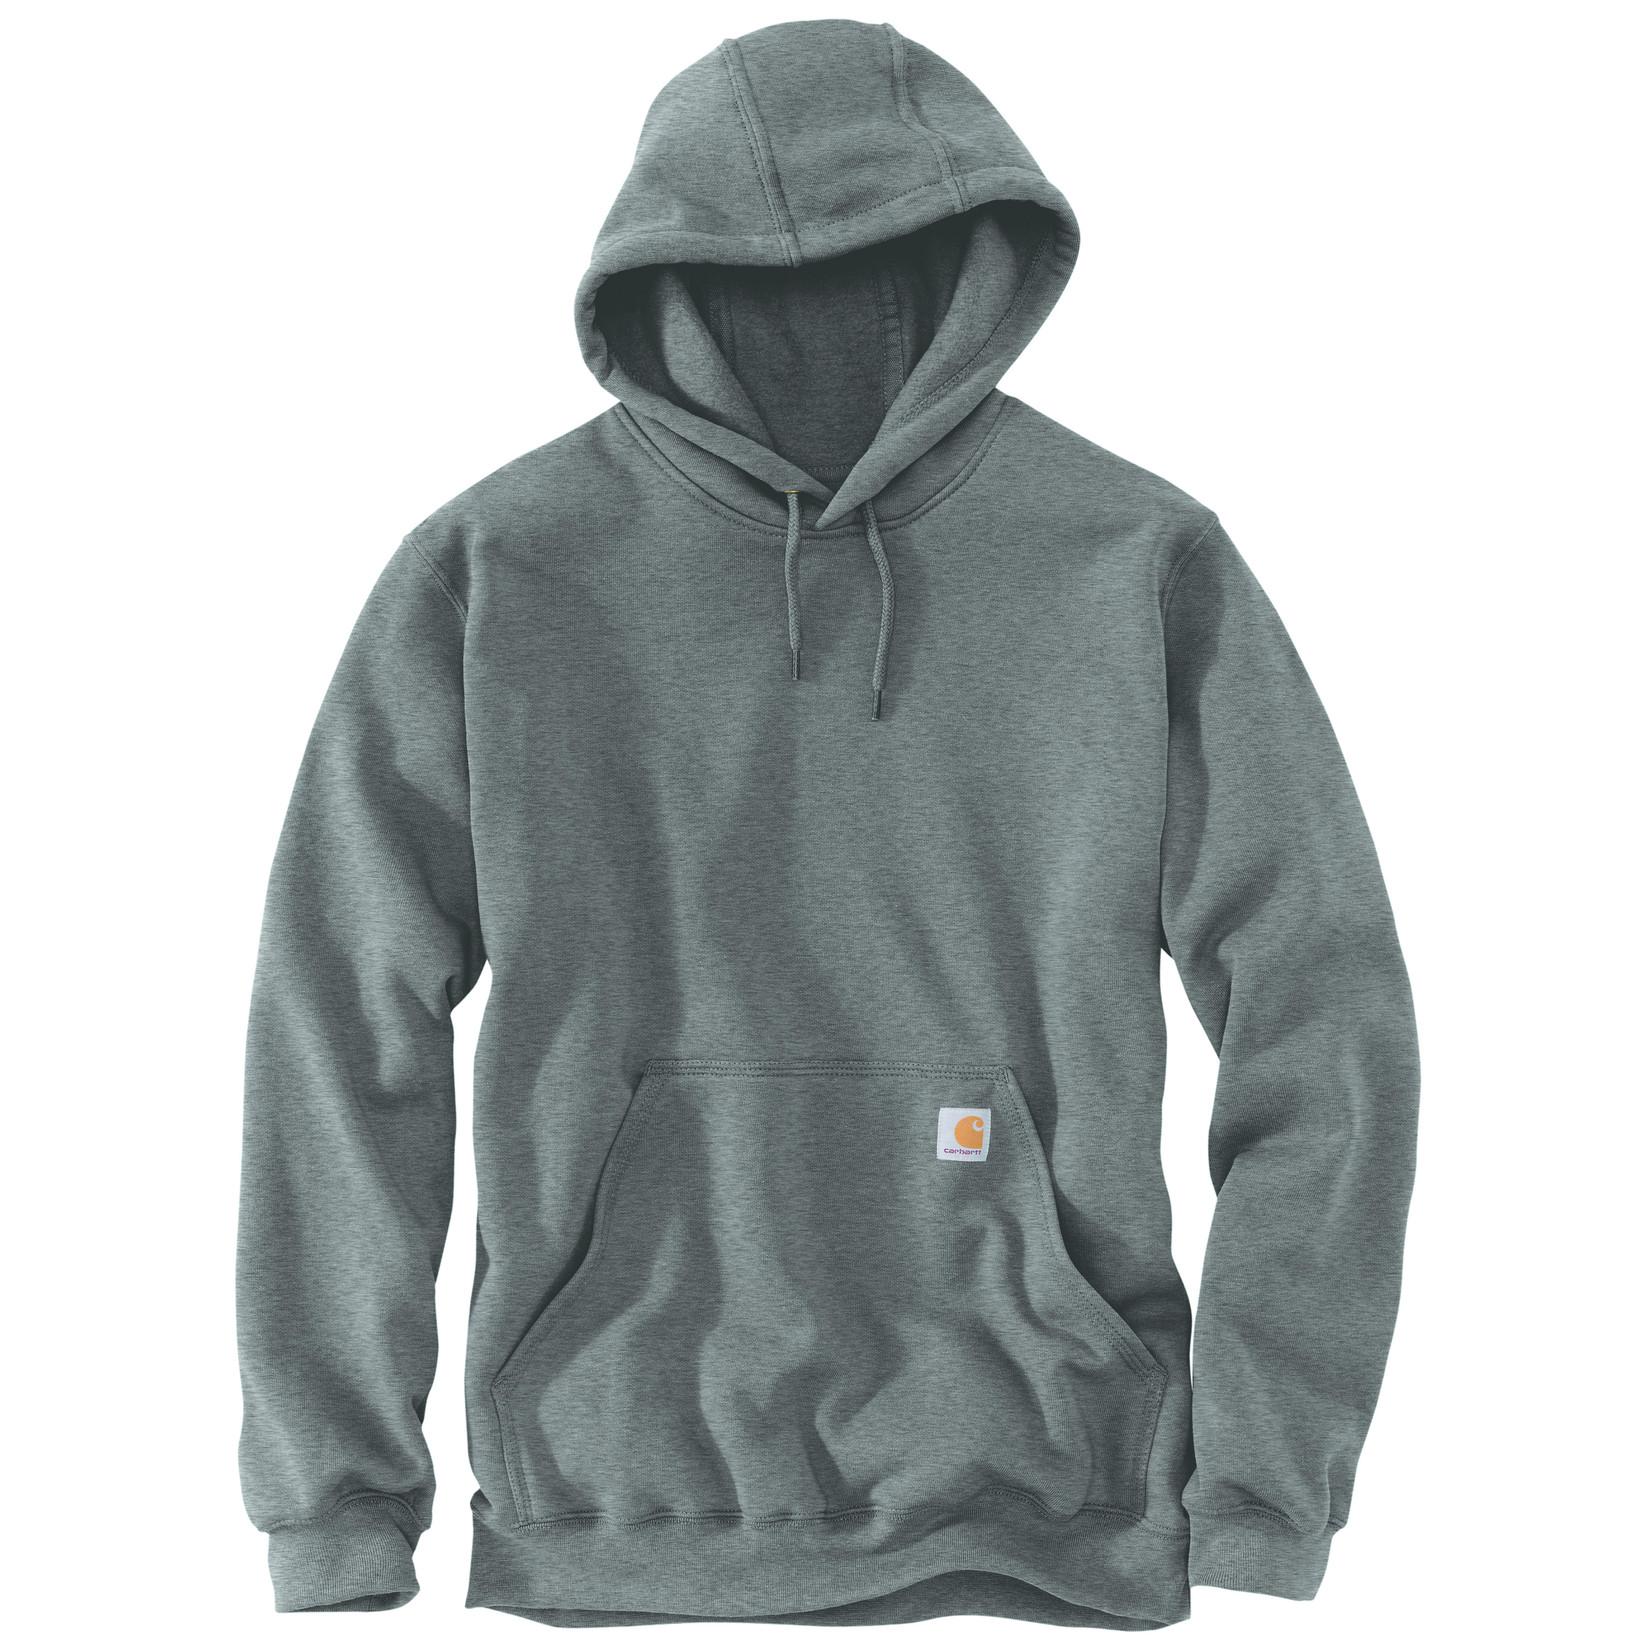 Carhartt Carhartt K121 Hooded Pullover Sweatshirt